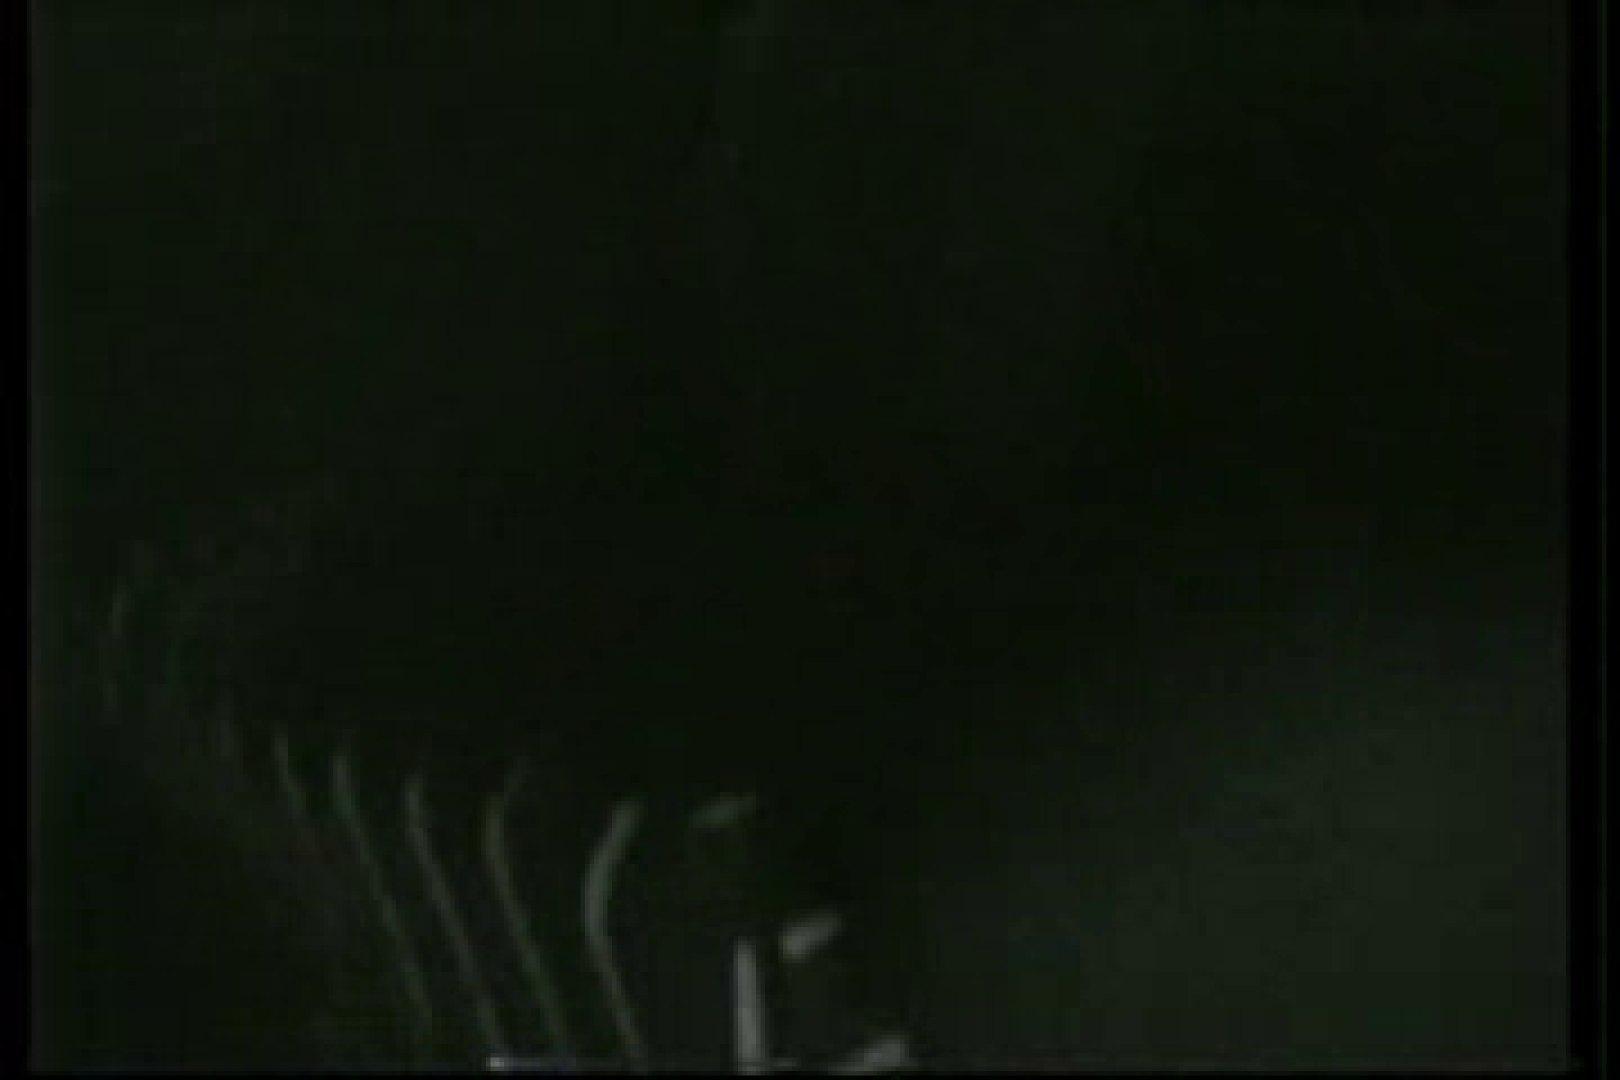 【実録個人撮影】男の子達の禁断の愛欲性活!!vol.02(対女性アナル責め) 仰天アナル ゲイ無修正ビデオ画像 59pic 36